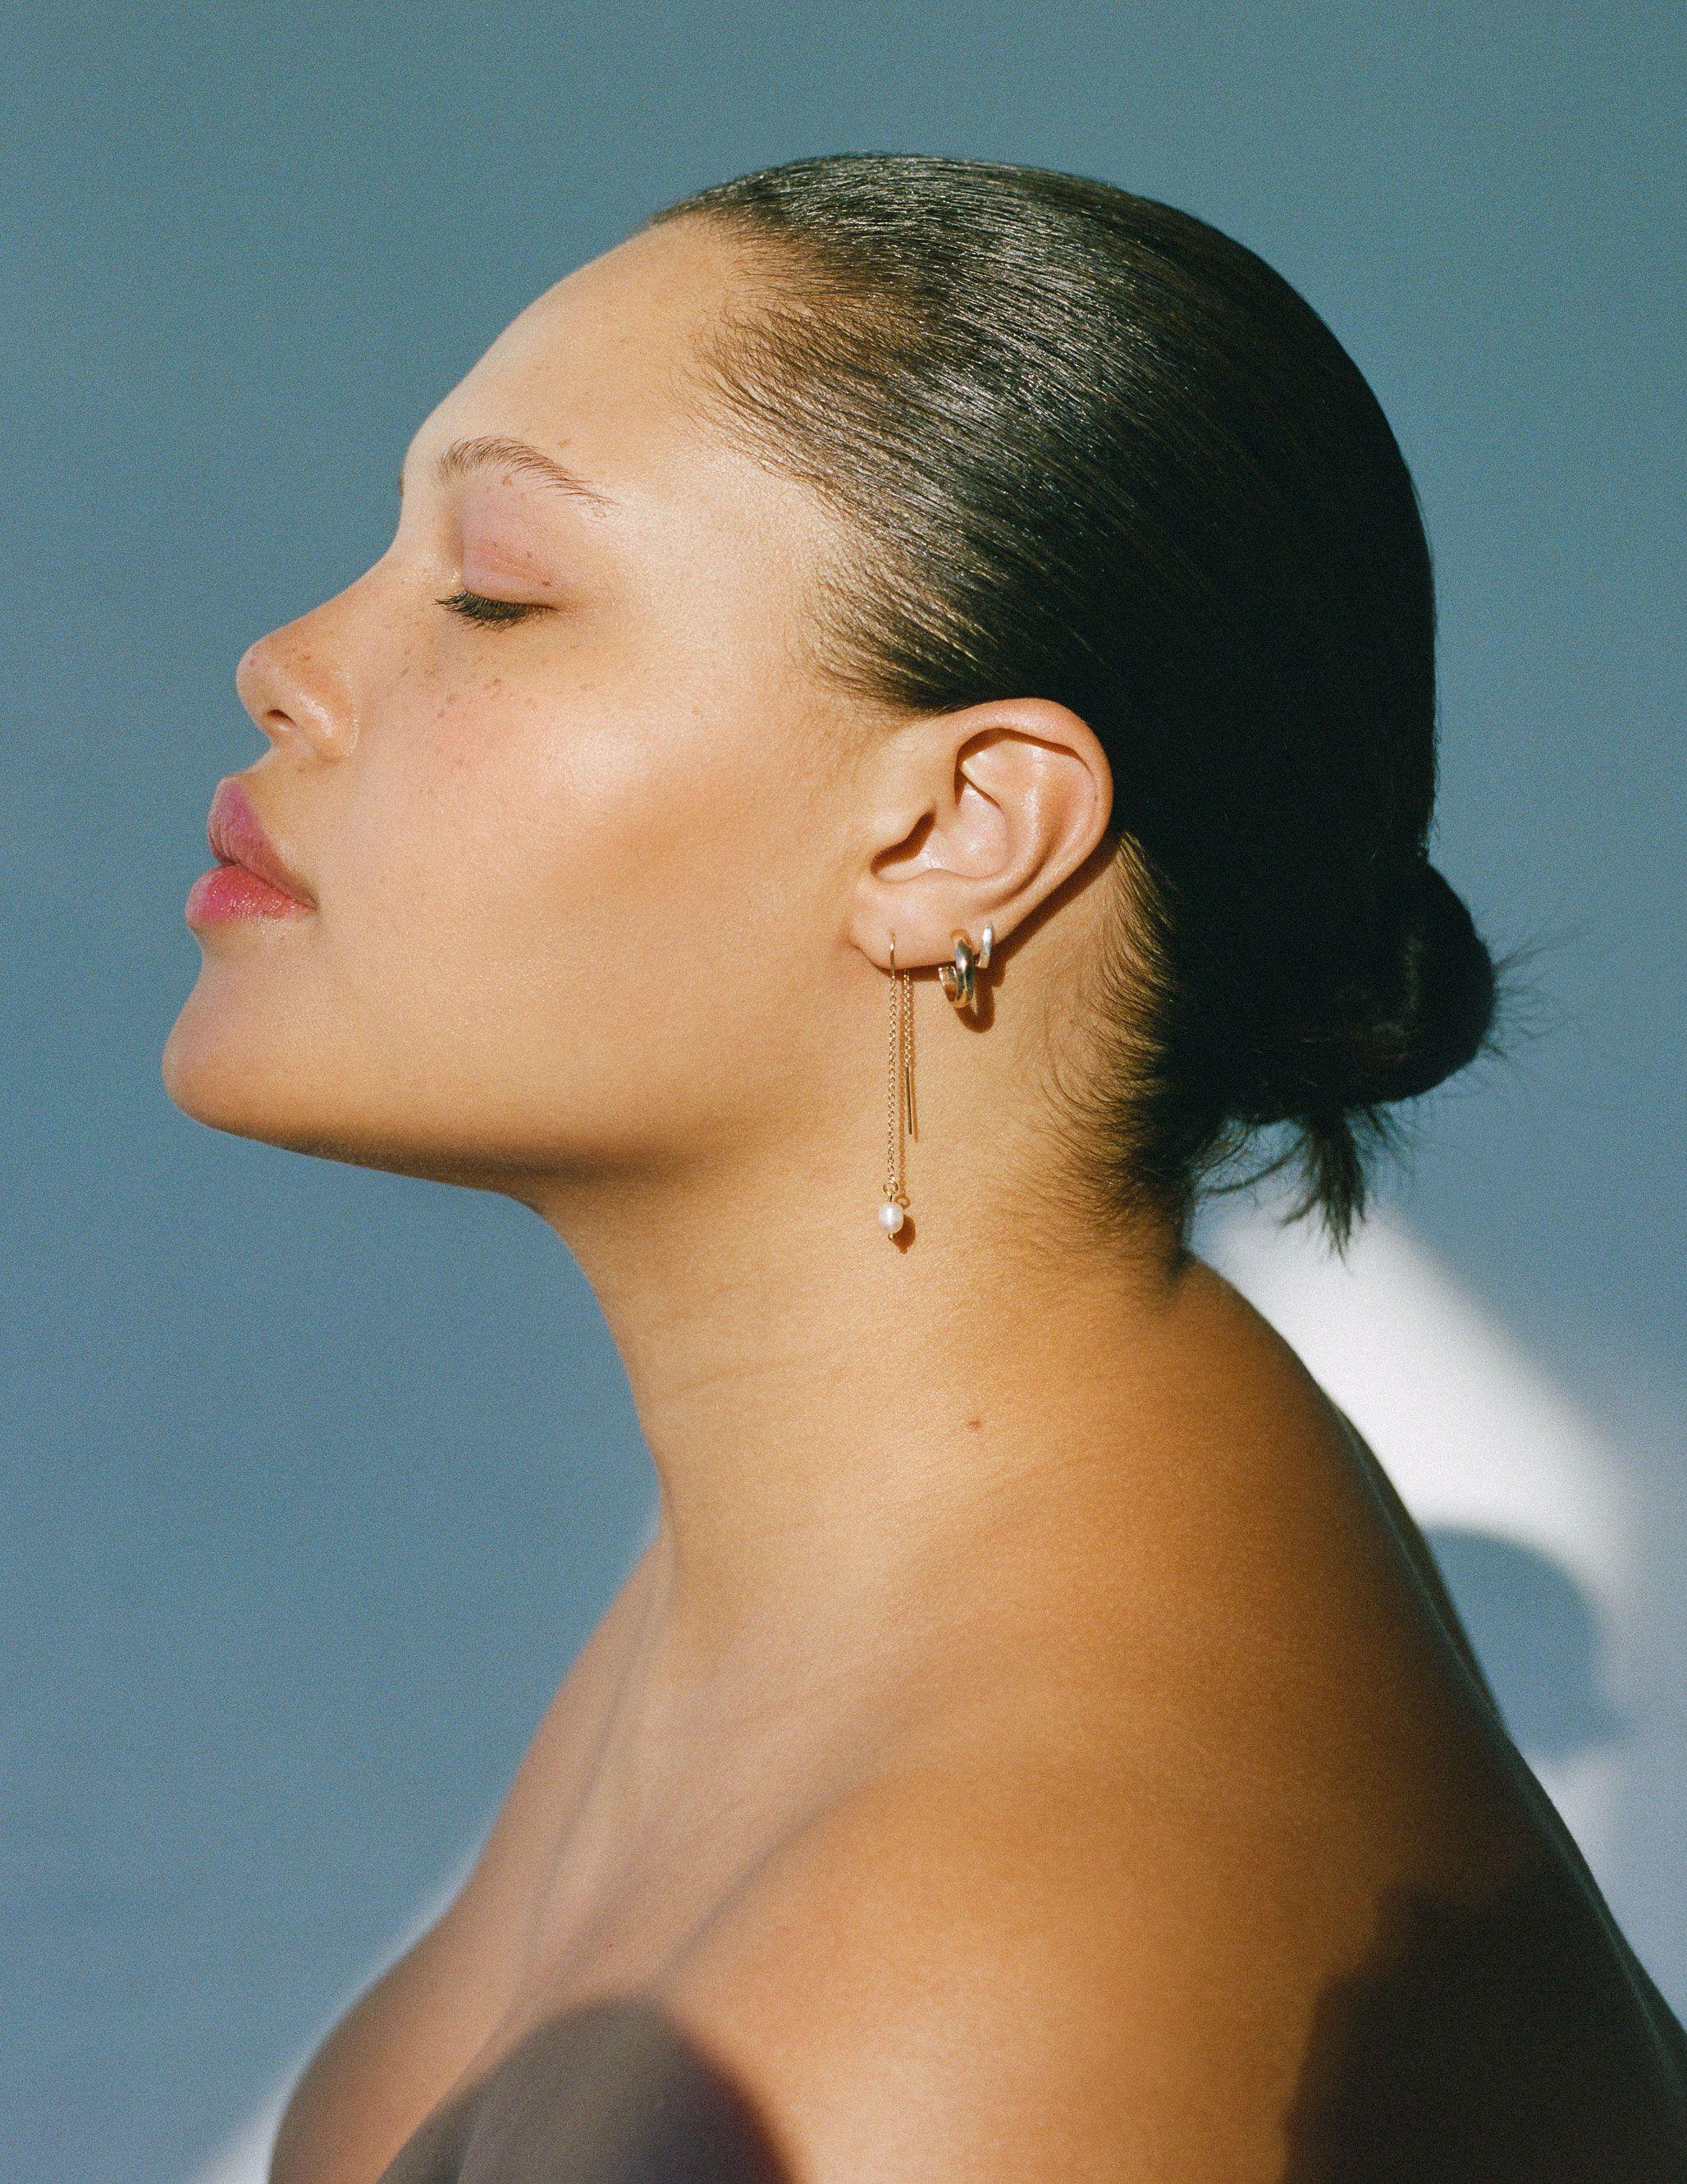 The 15 Best Face Exfoliators For Soft Velvety Skin 2020